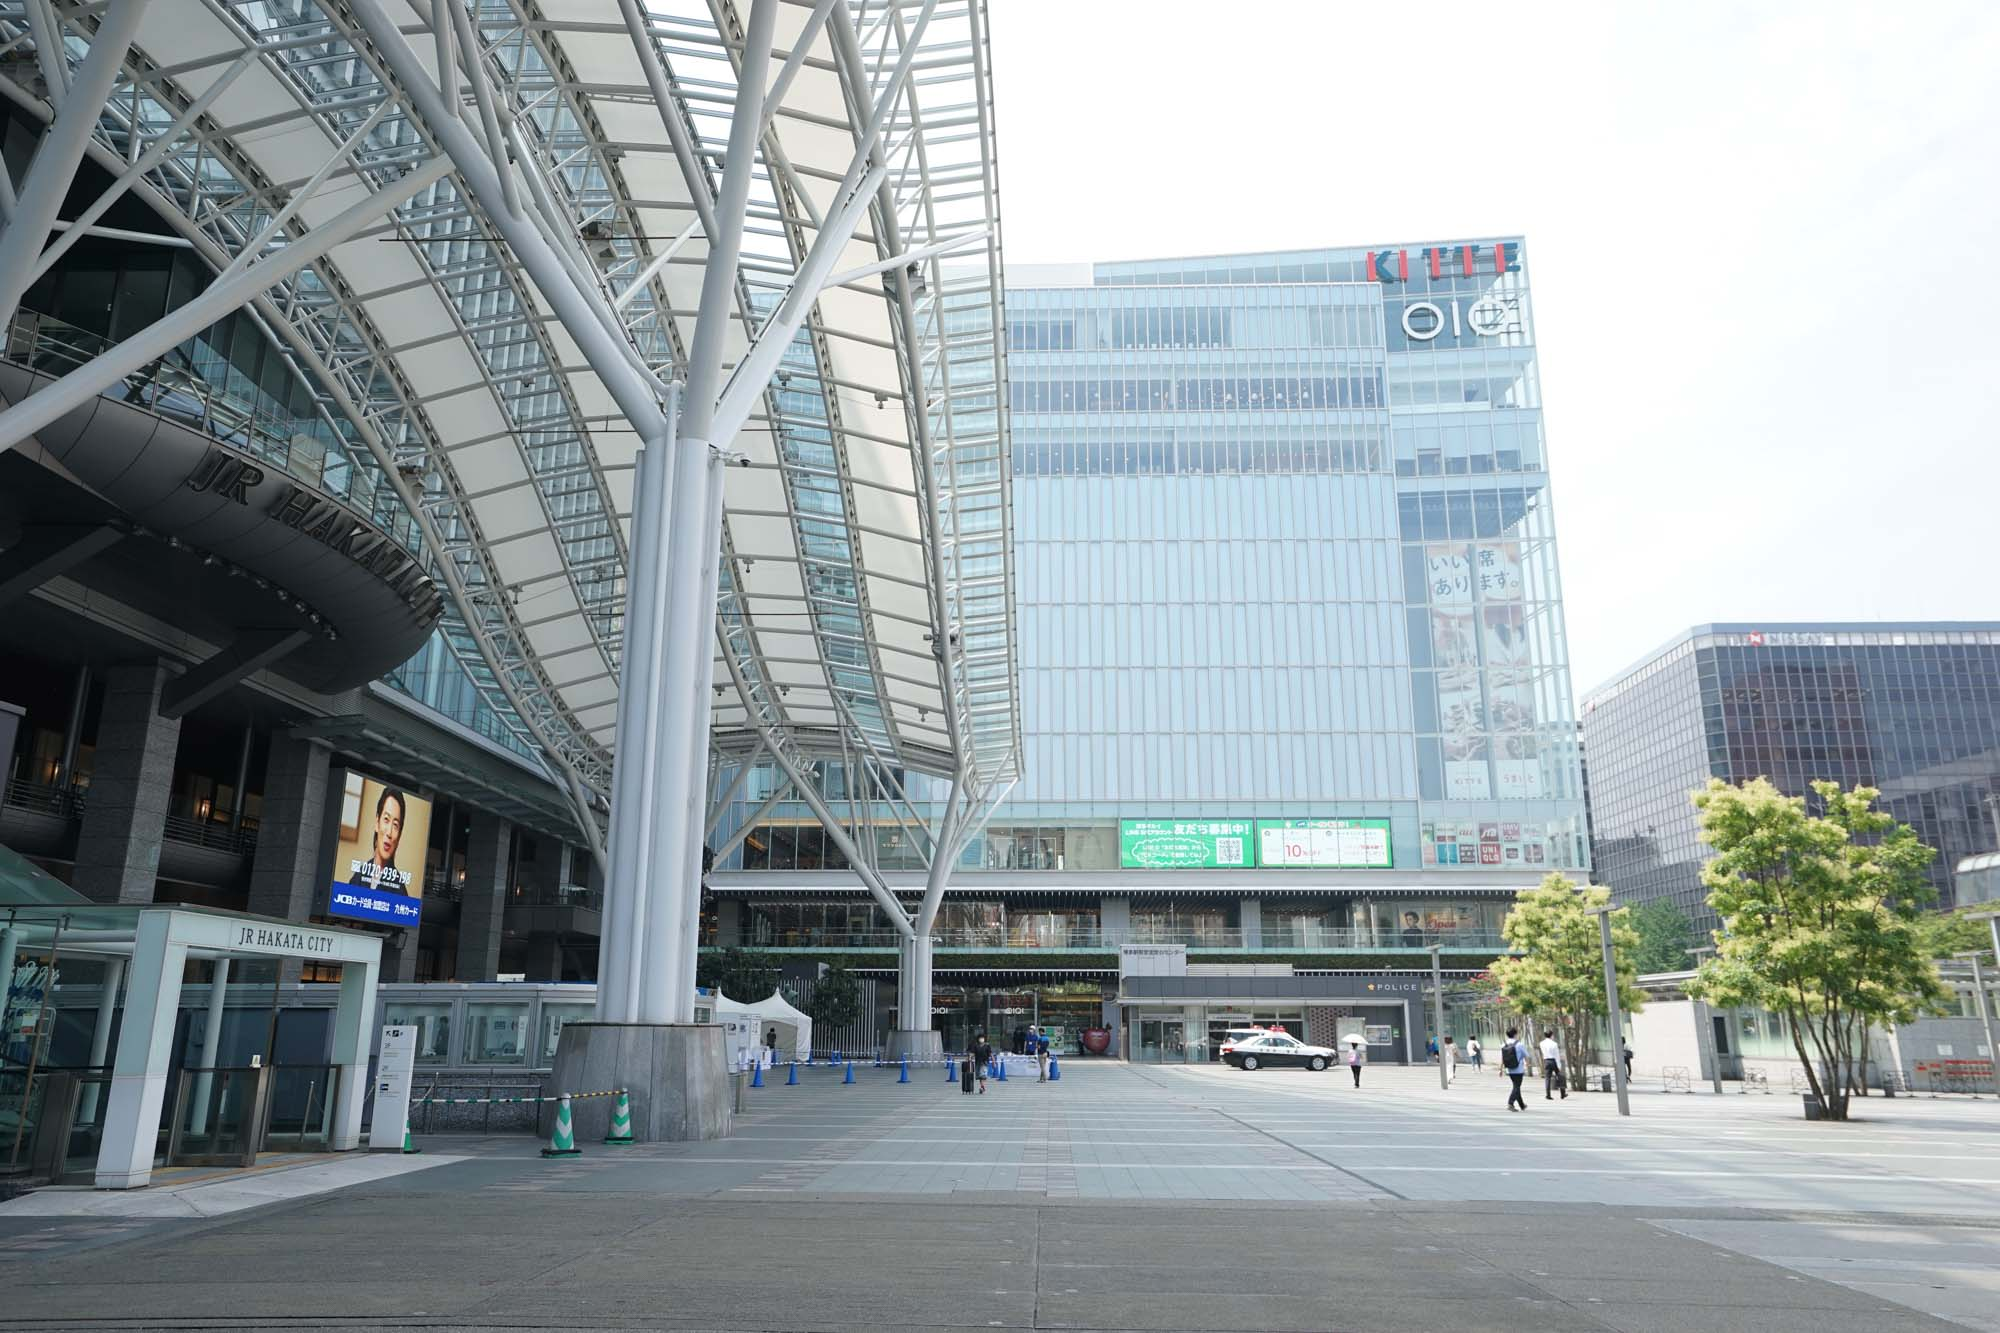 JR博多駅の博多口から徒歩2分!駅ビルには飲食店、ショッピング施設、映画館までが集結しており、徒歩圏内でほとんどの用事が叶います。